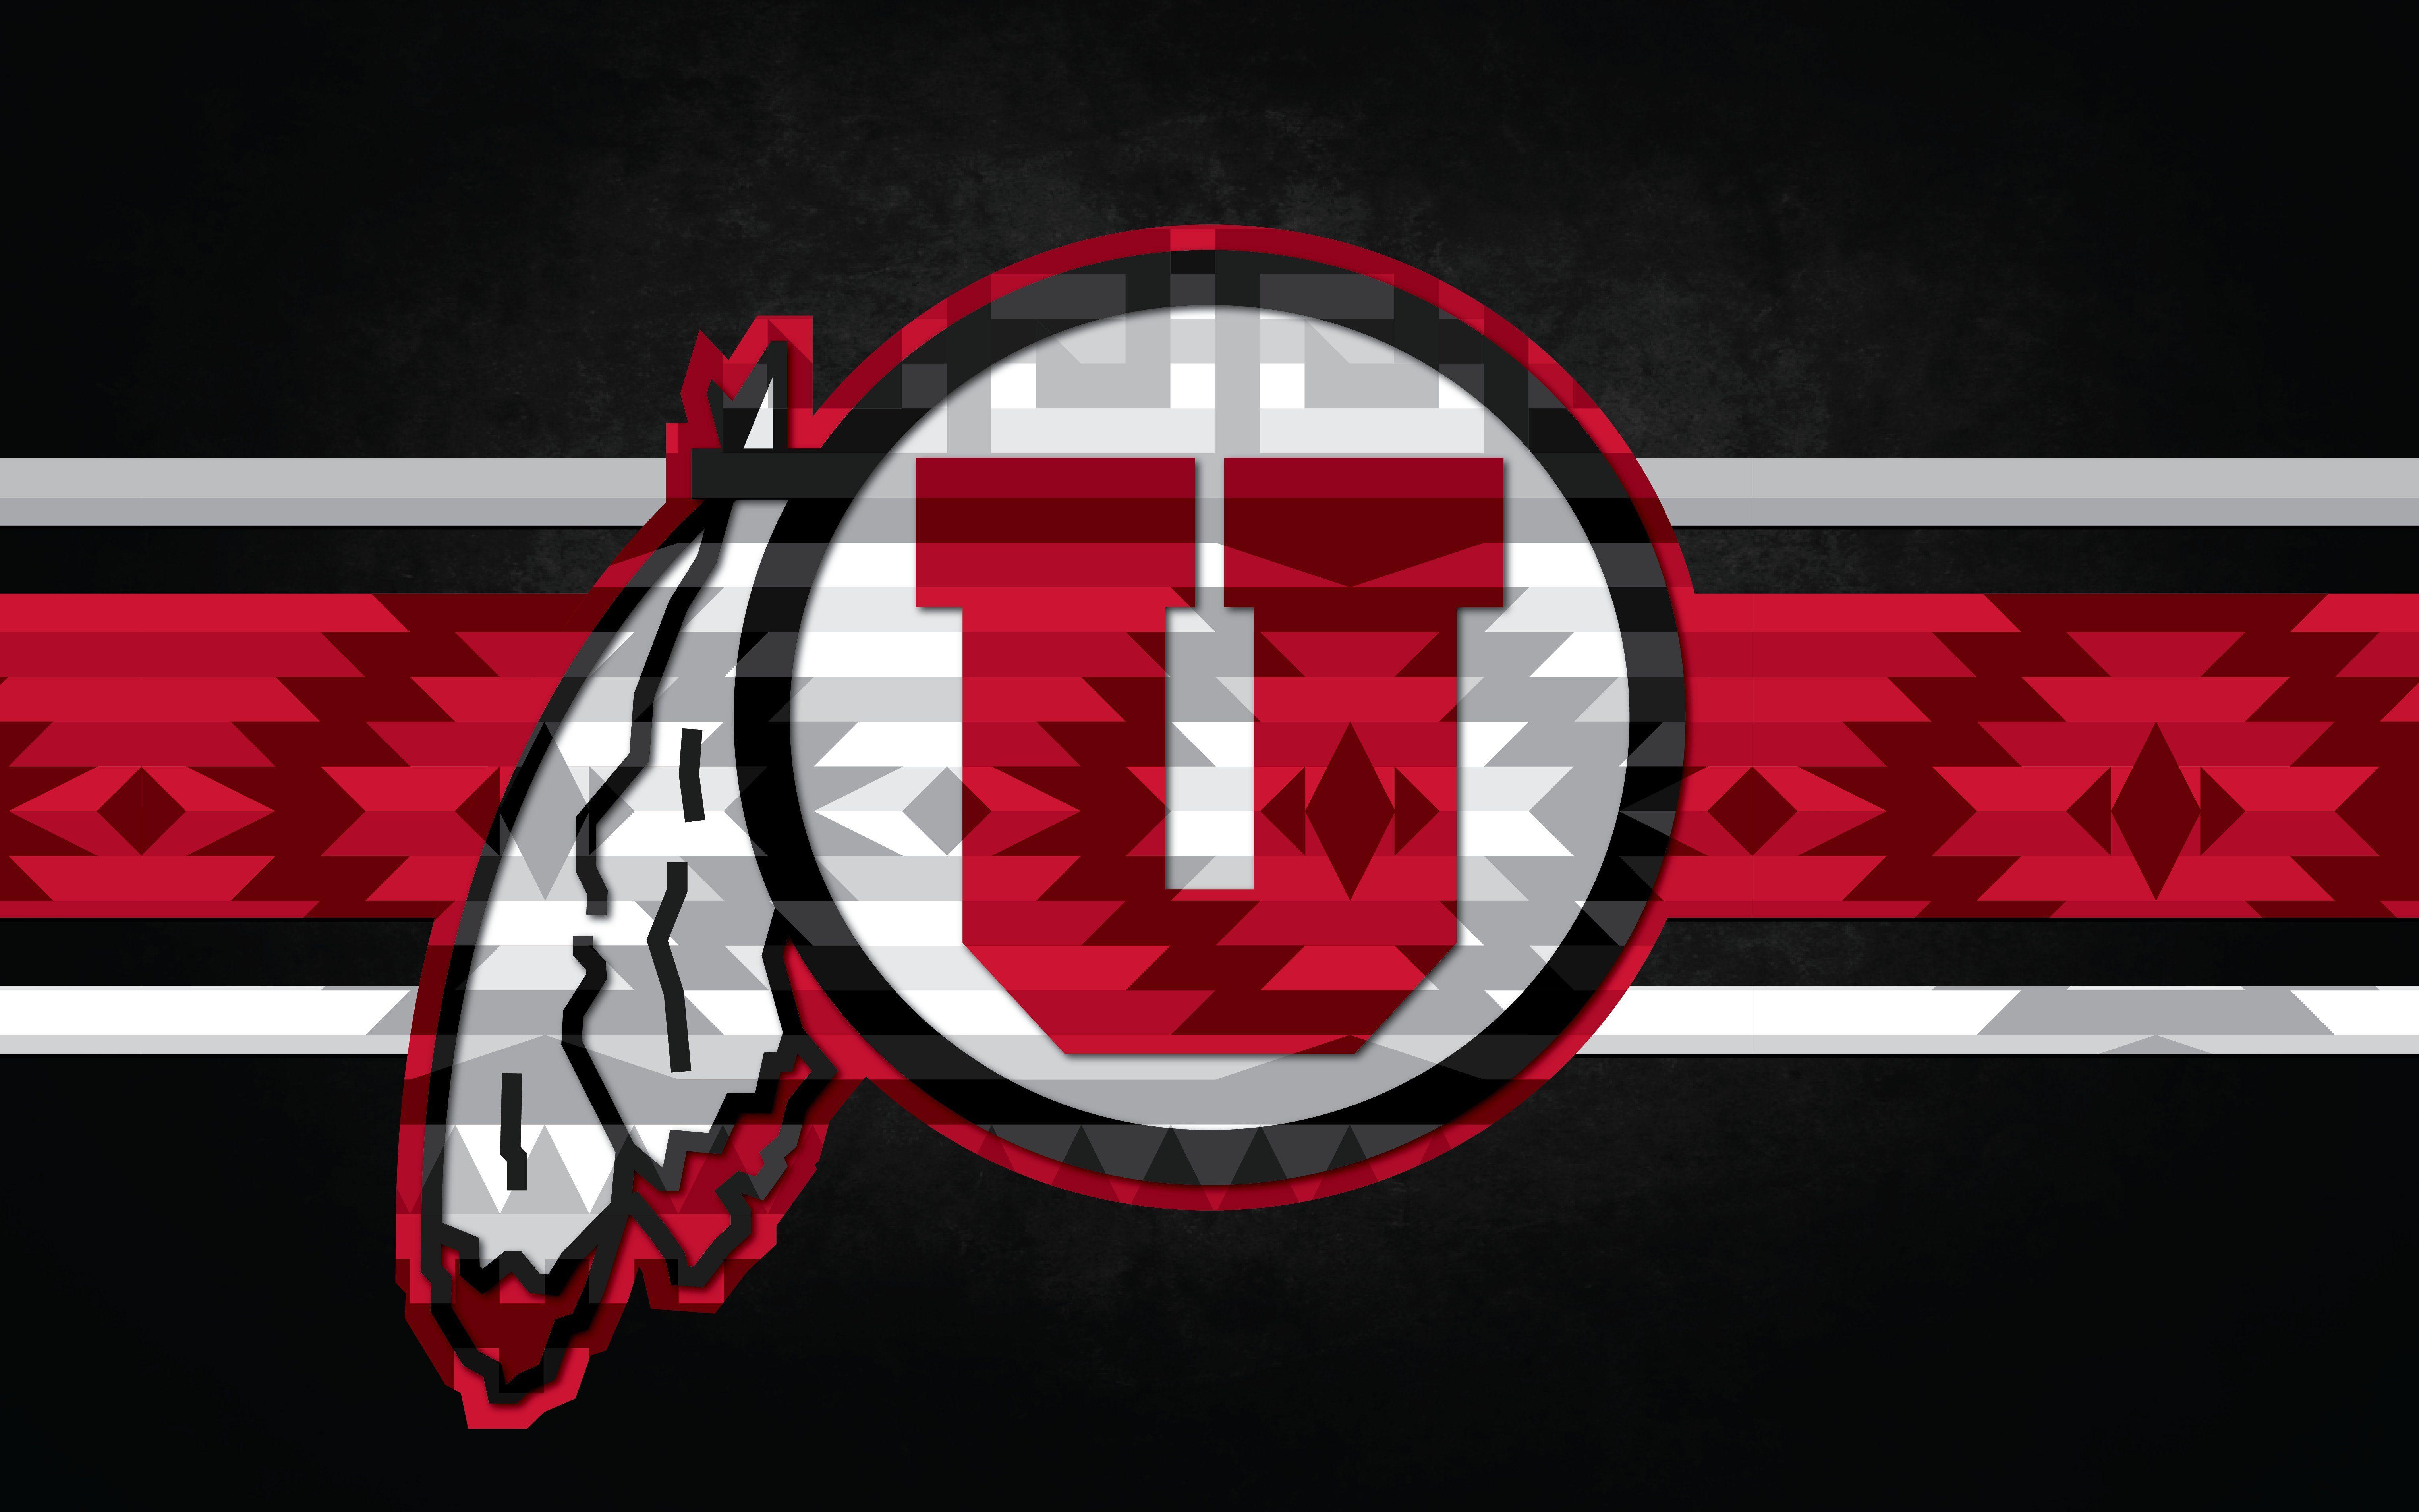 Utes Black Helmet 2016 Utah Utes College Football Wallpaper 6090x3807 597694 Utah Utes Utah Utes Football Utes Football